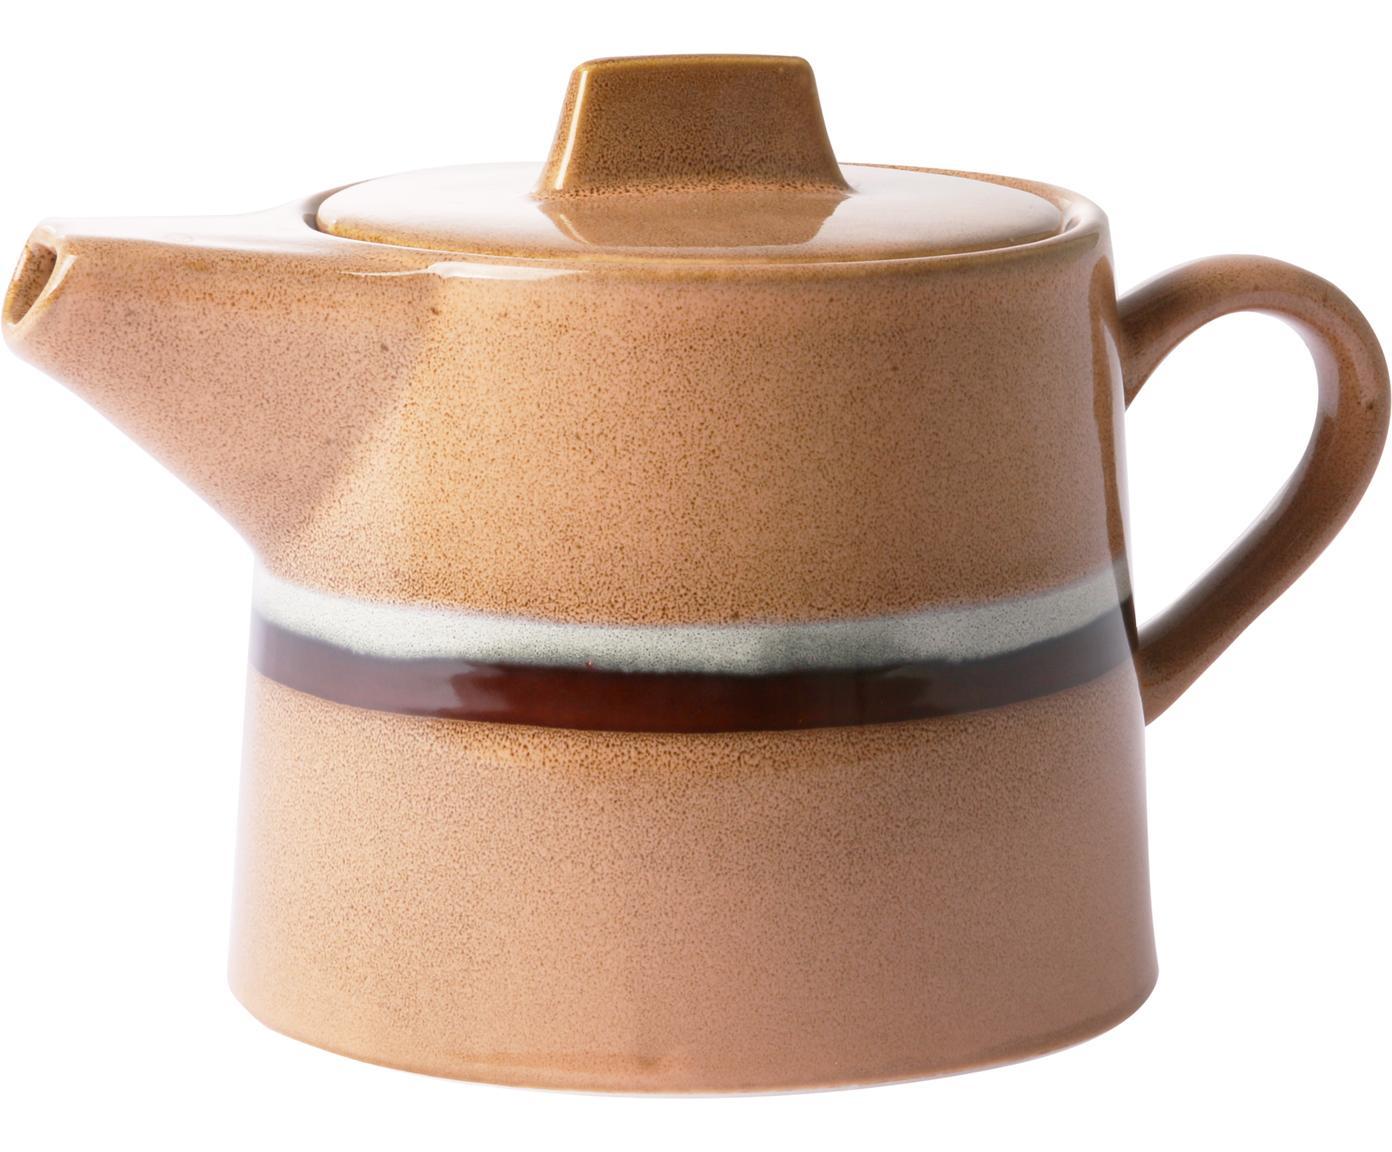 Handgemachte Teekanne 70's im Retro Style, Keramik, Pfirsichfarben, Grau, Schwarz, 23 x 14 cm